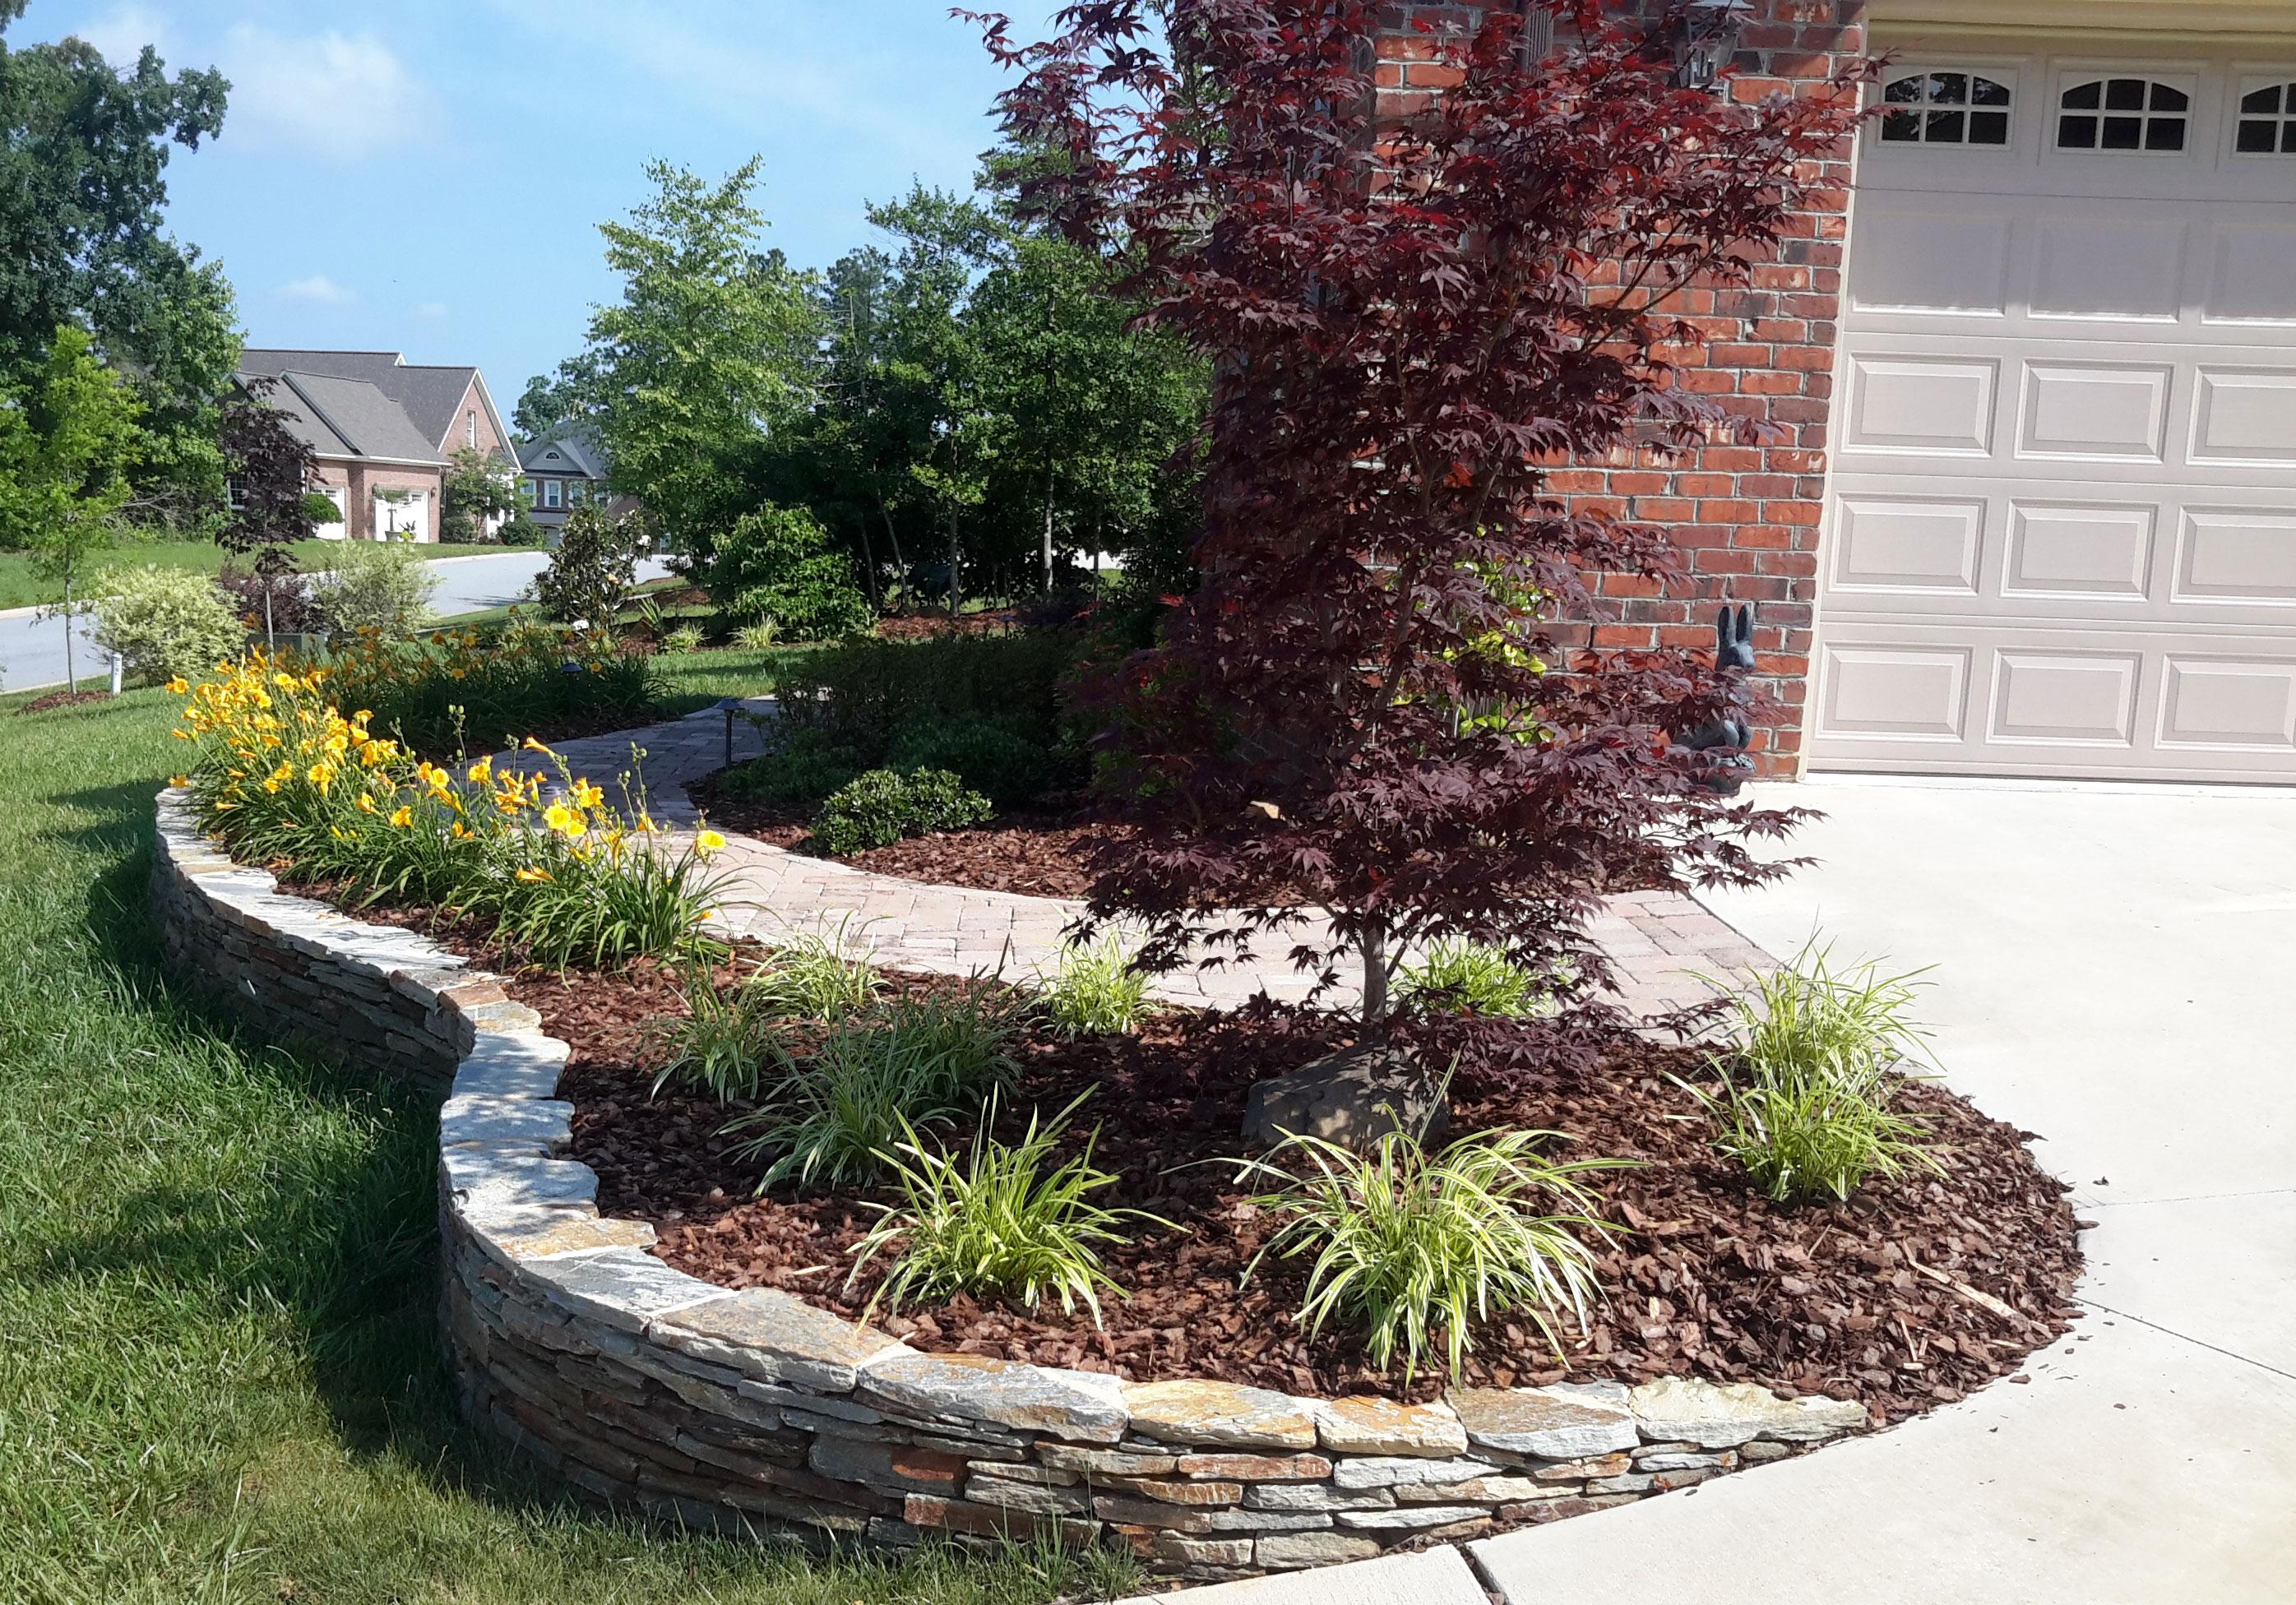 Great Landscape Ideas - Camden Landscape Group on Nice Backyard Landscaping Ideas id=61429